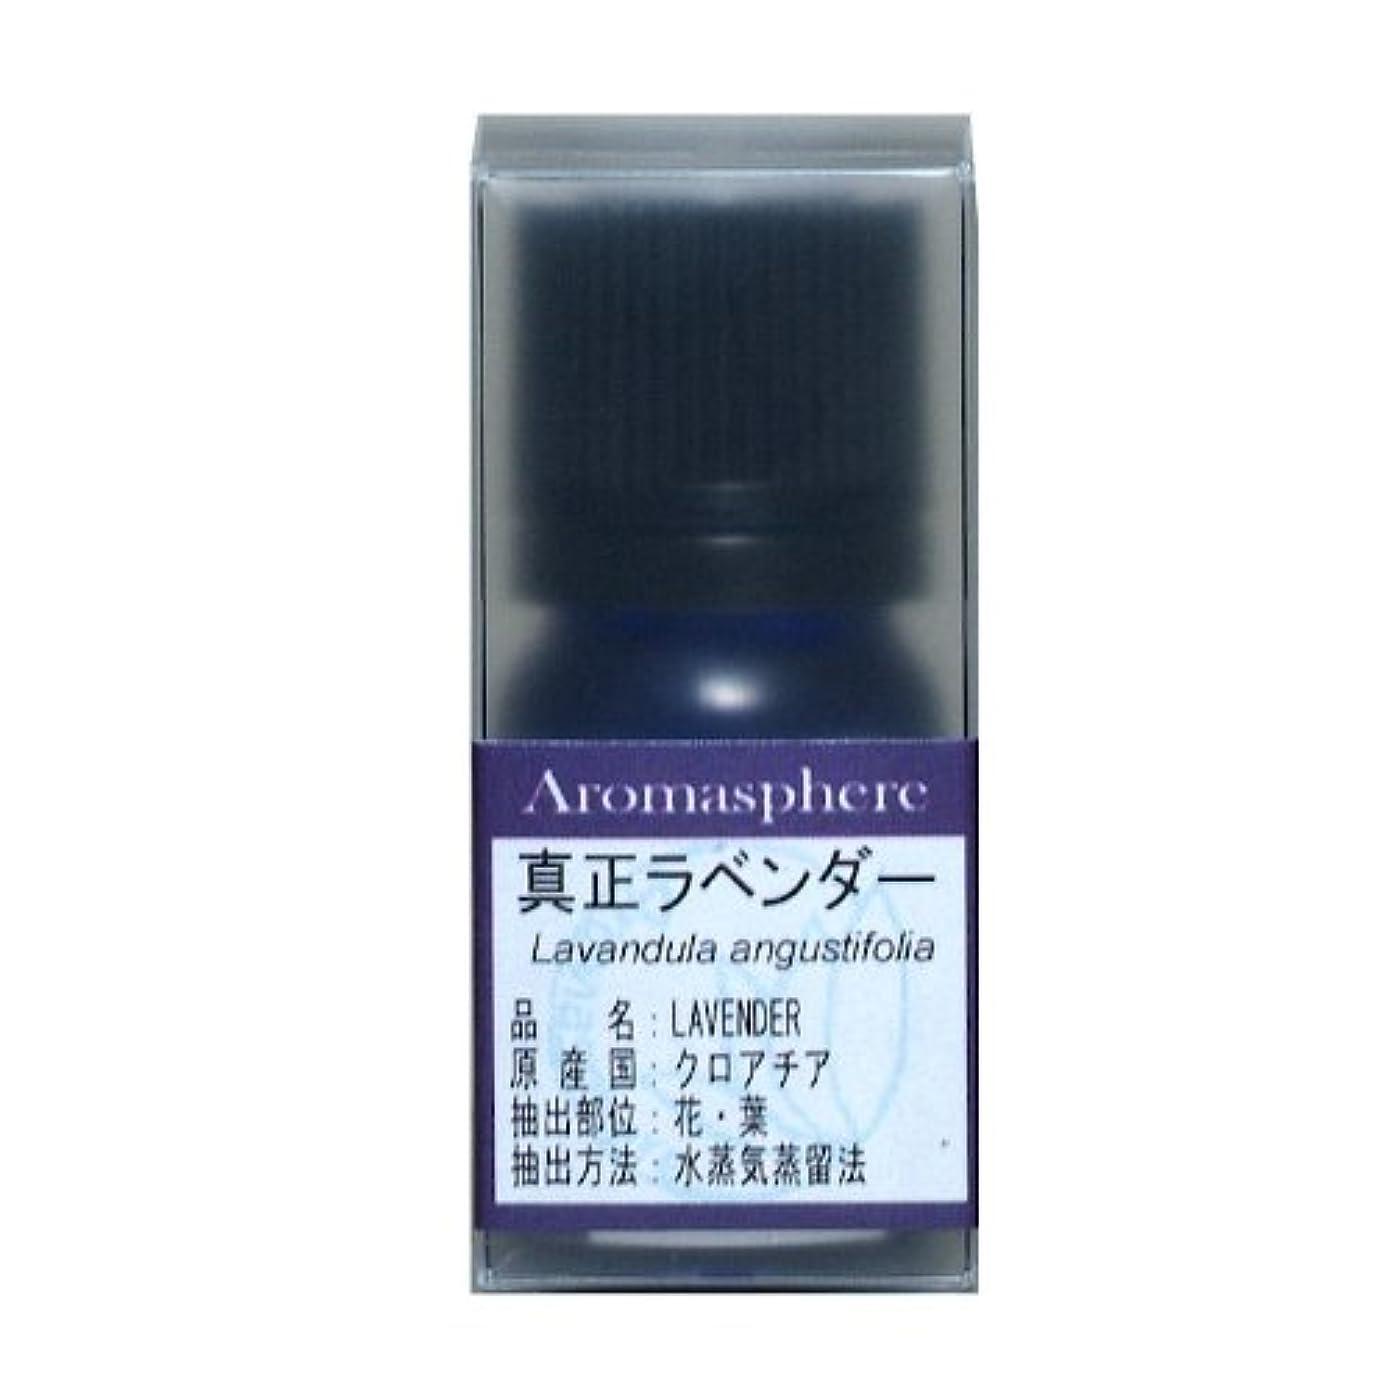 マージンエクステントバラ色【アロマスフィア】真正ラベンダー 5ml エッセンシャルオイル(精油)